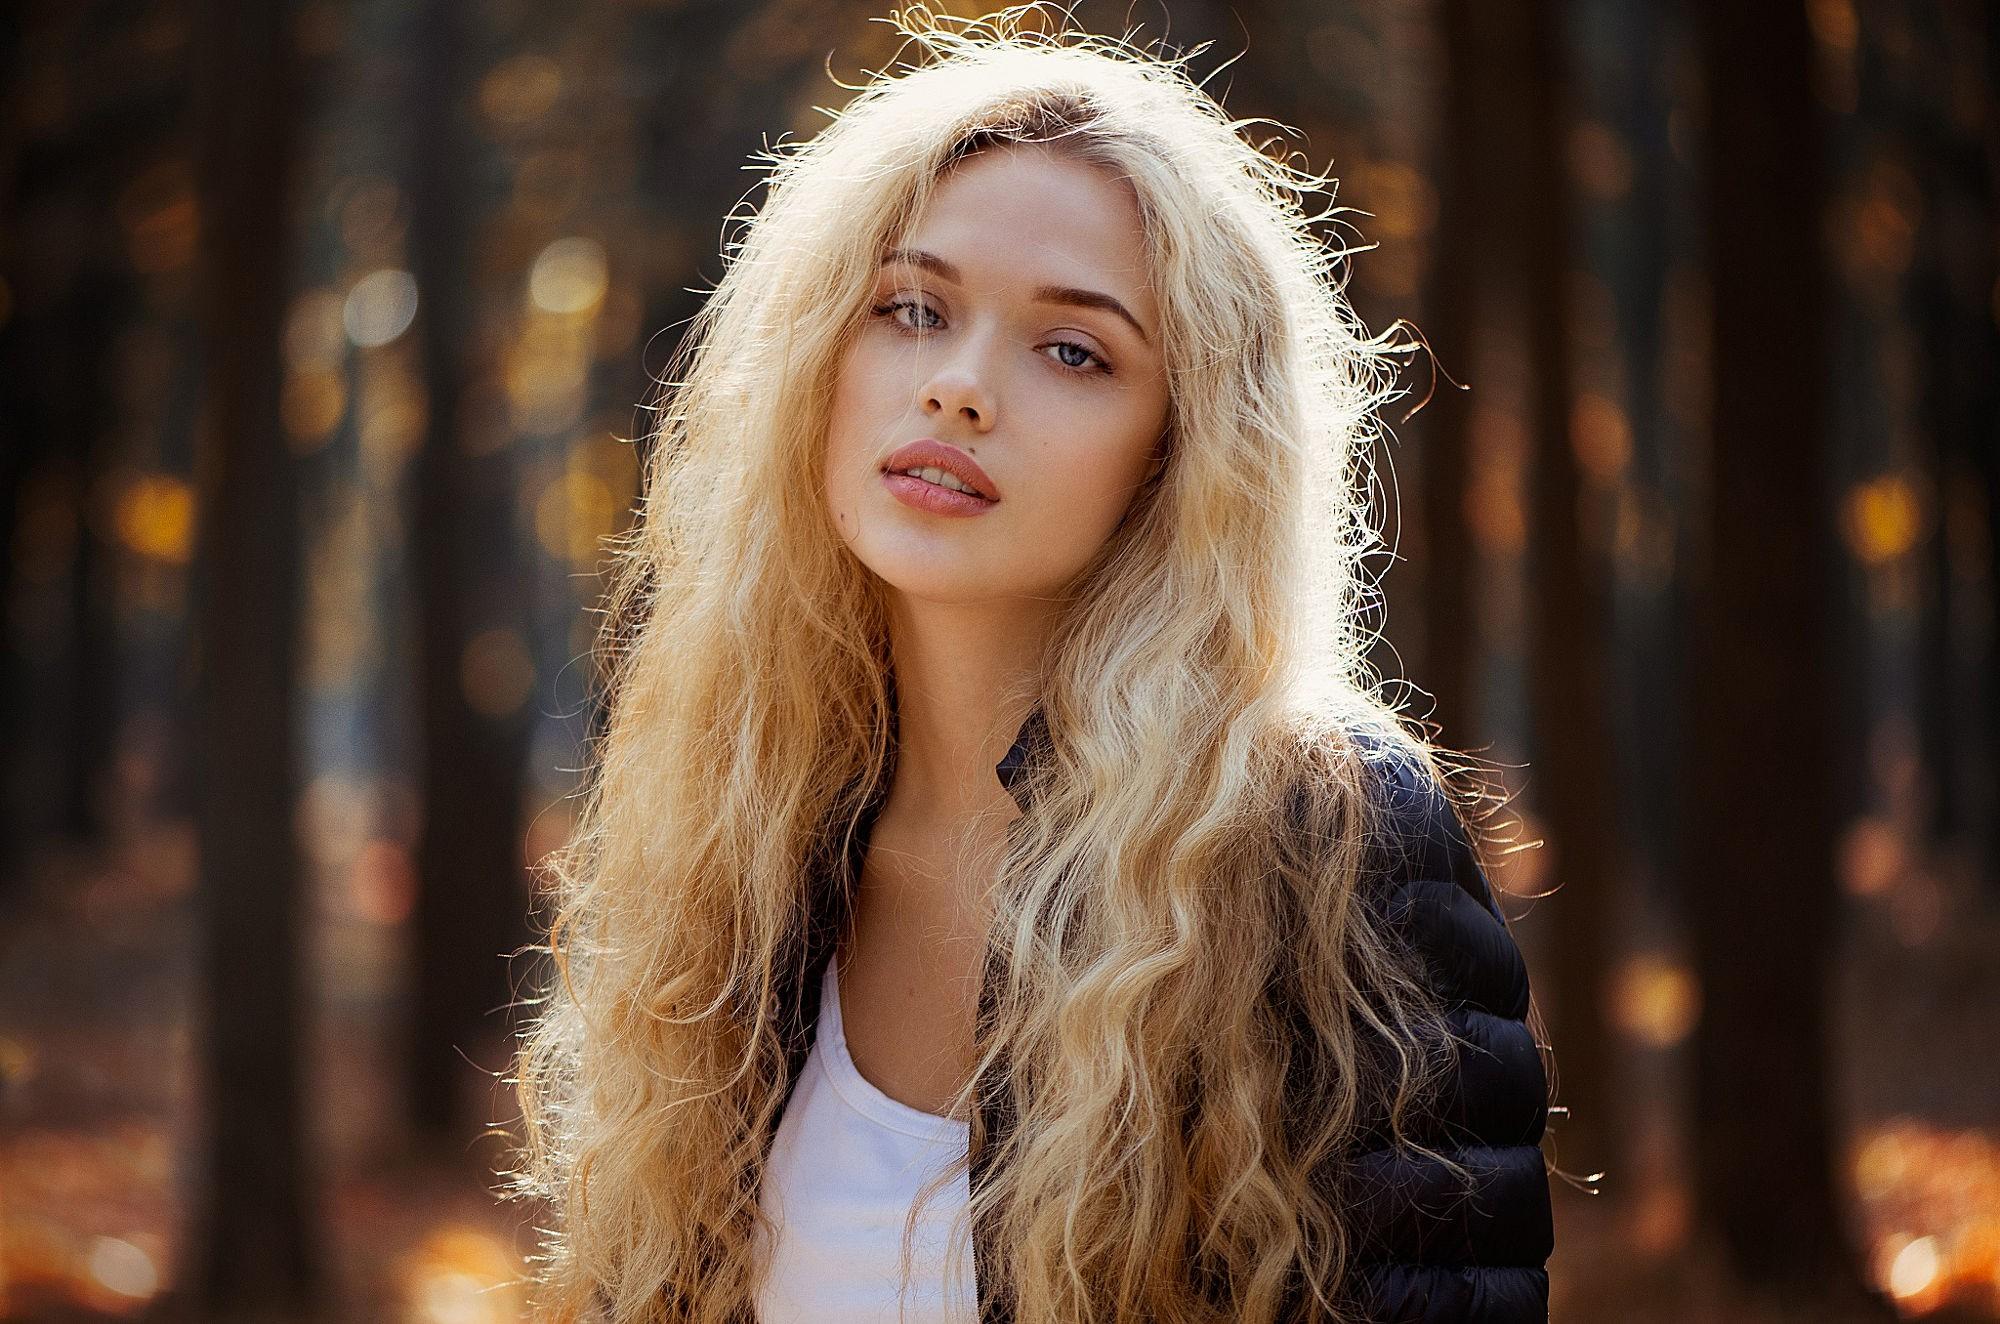 Wallpaper Women Model Long Hair Asian Singer Blue: Wallpaper : Women Outdoors, Model, Blonde, Long Hair, Blue